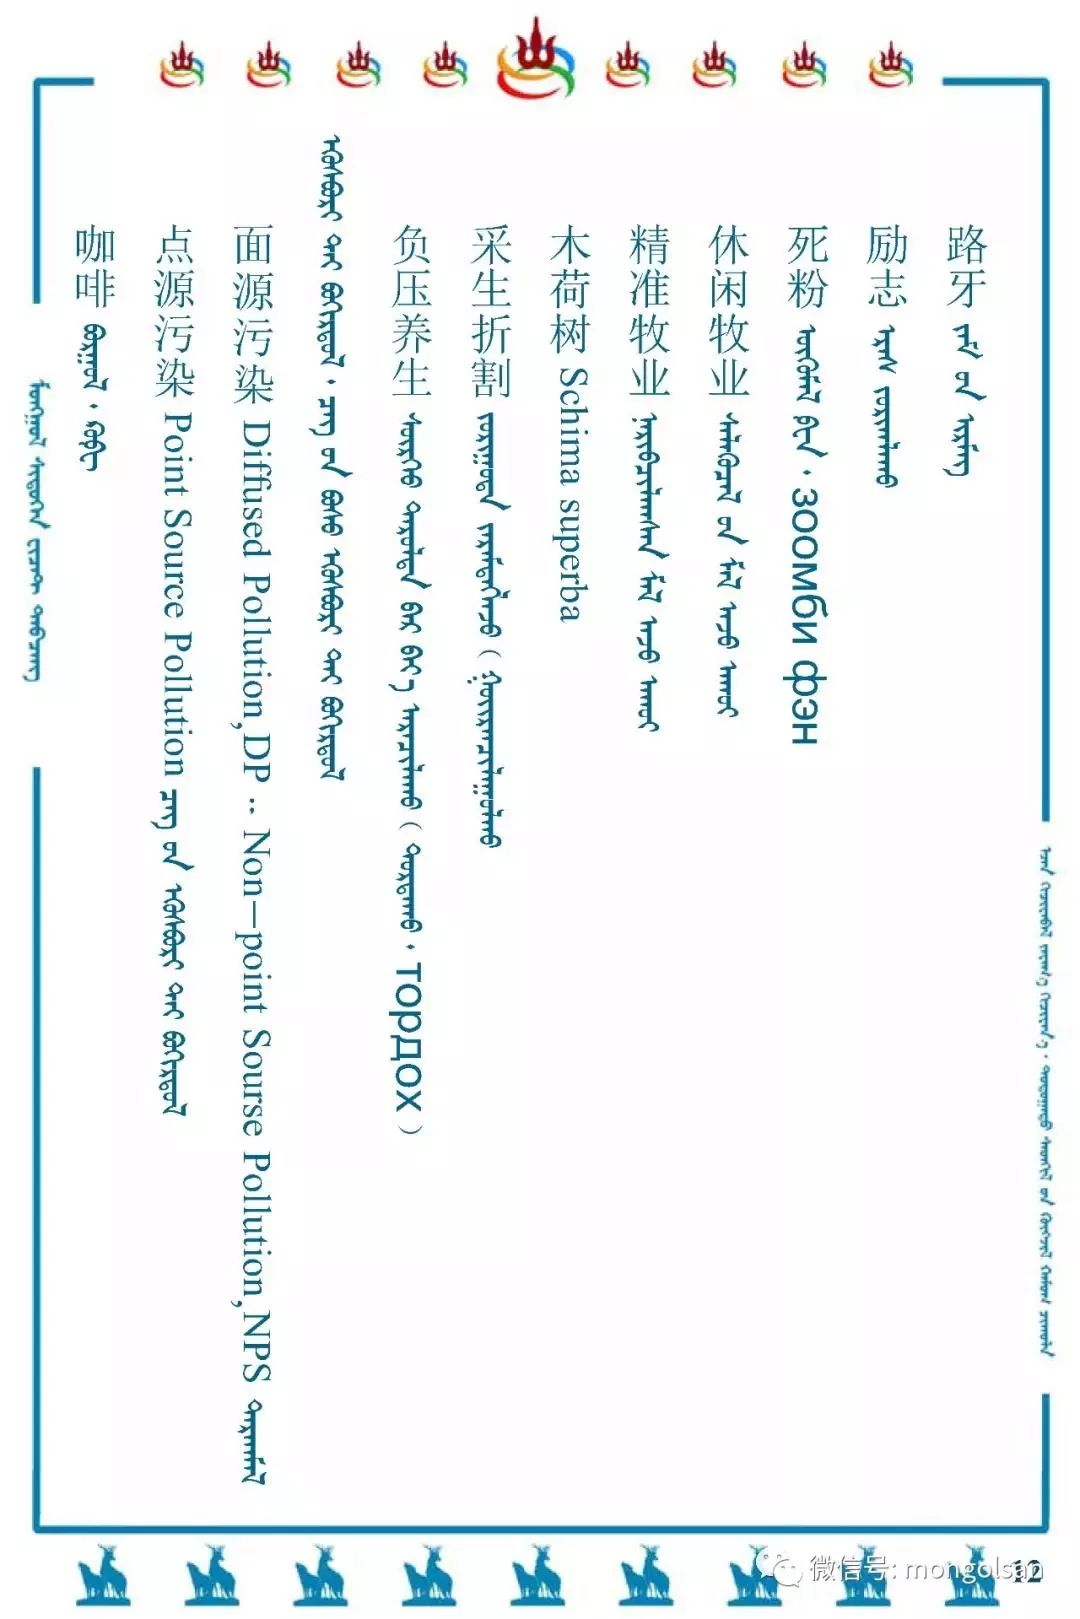 最新名词蒙古语翻译参考 第12张